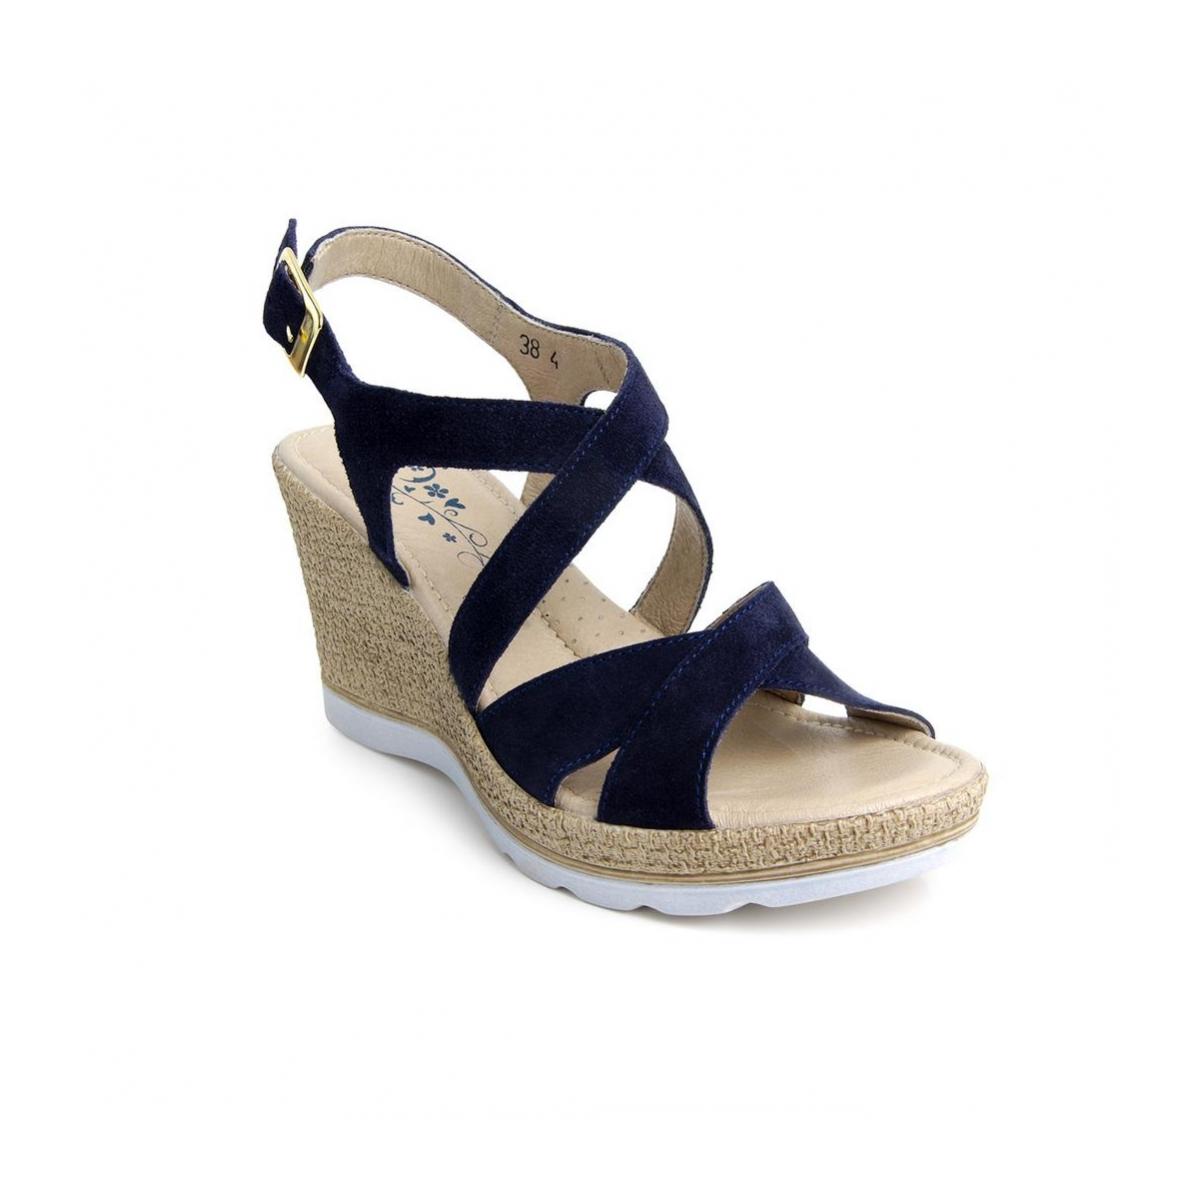 4d934443ec Dámske kožené modré sandále LUCIA - 3